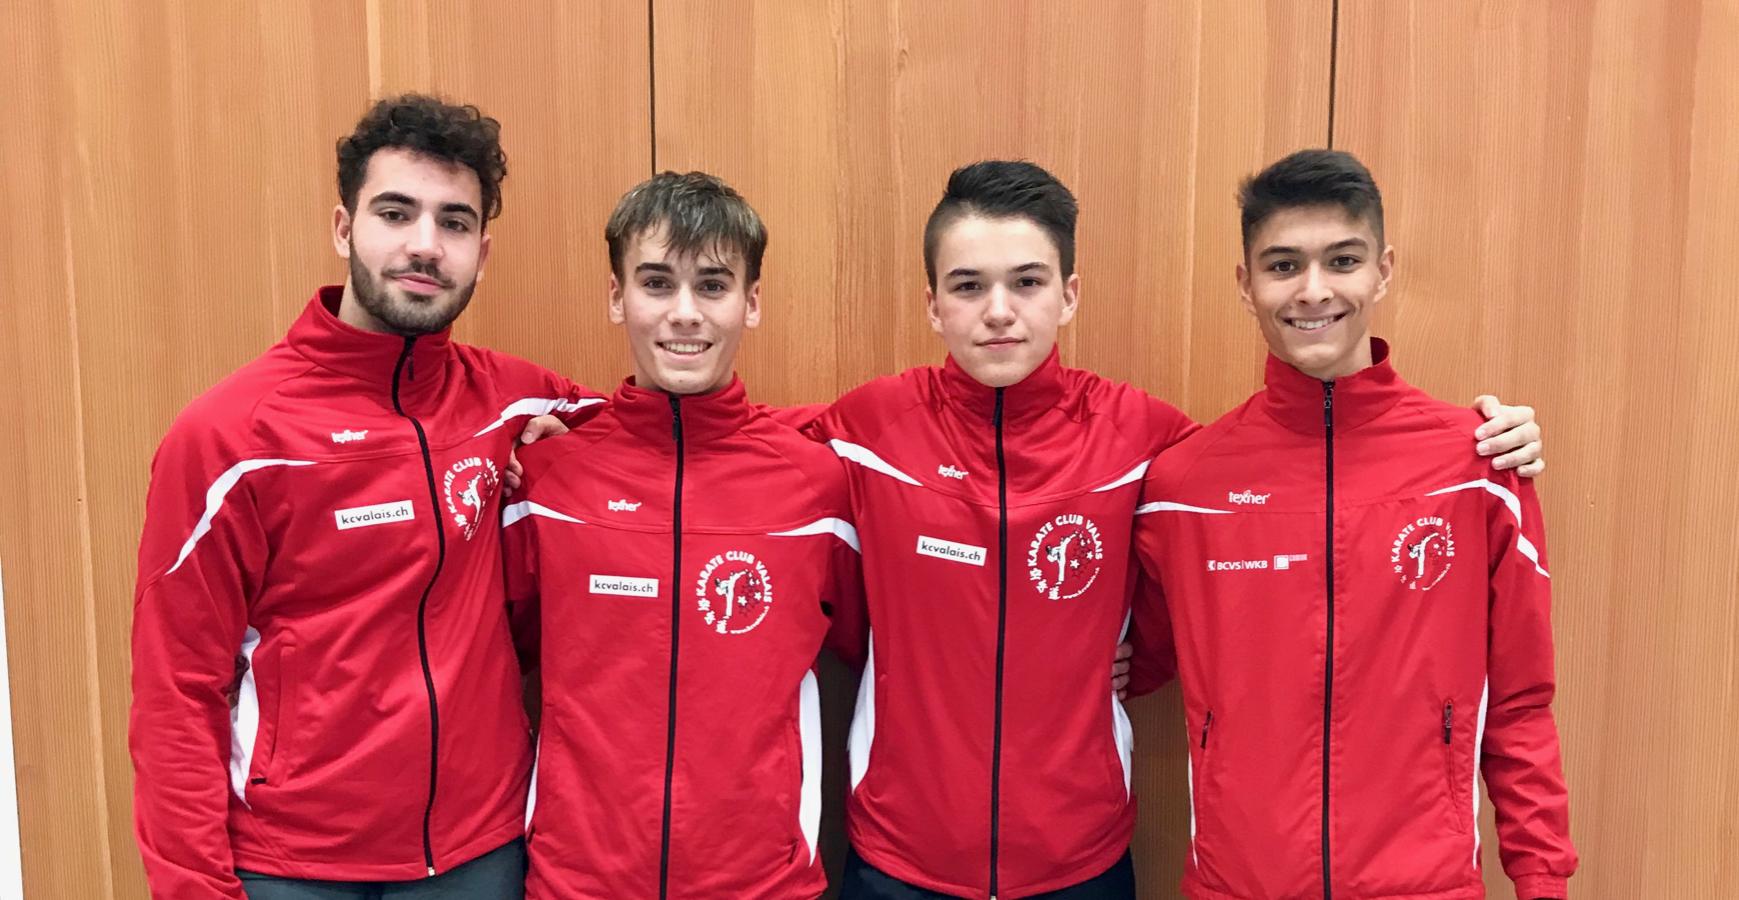 Championnats suisses 2018 | 10 médailles dont 3 titres pour le Karaté Club Valais